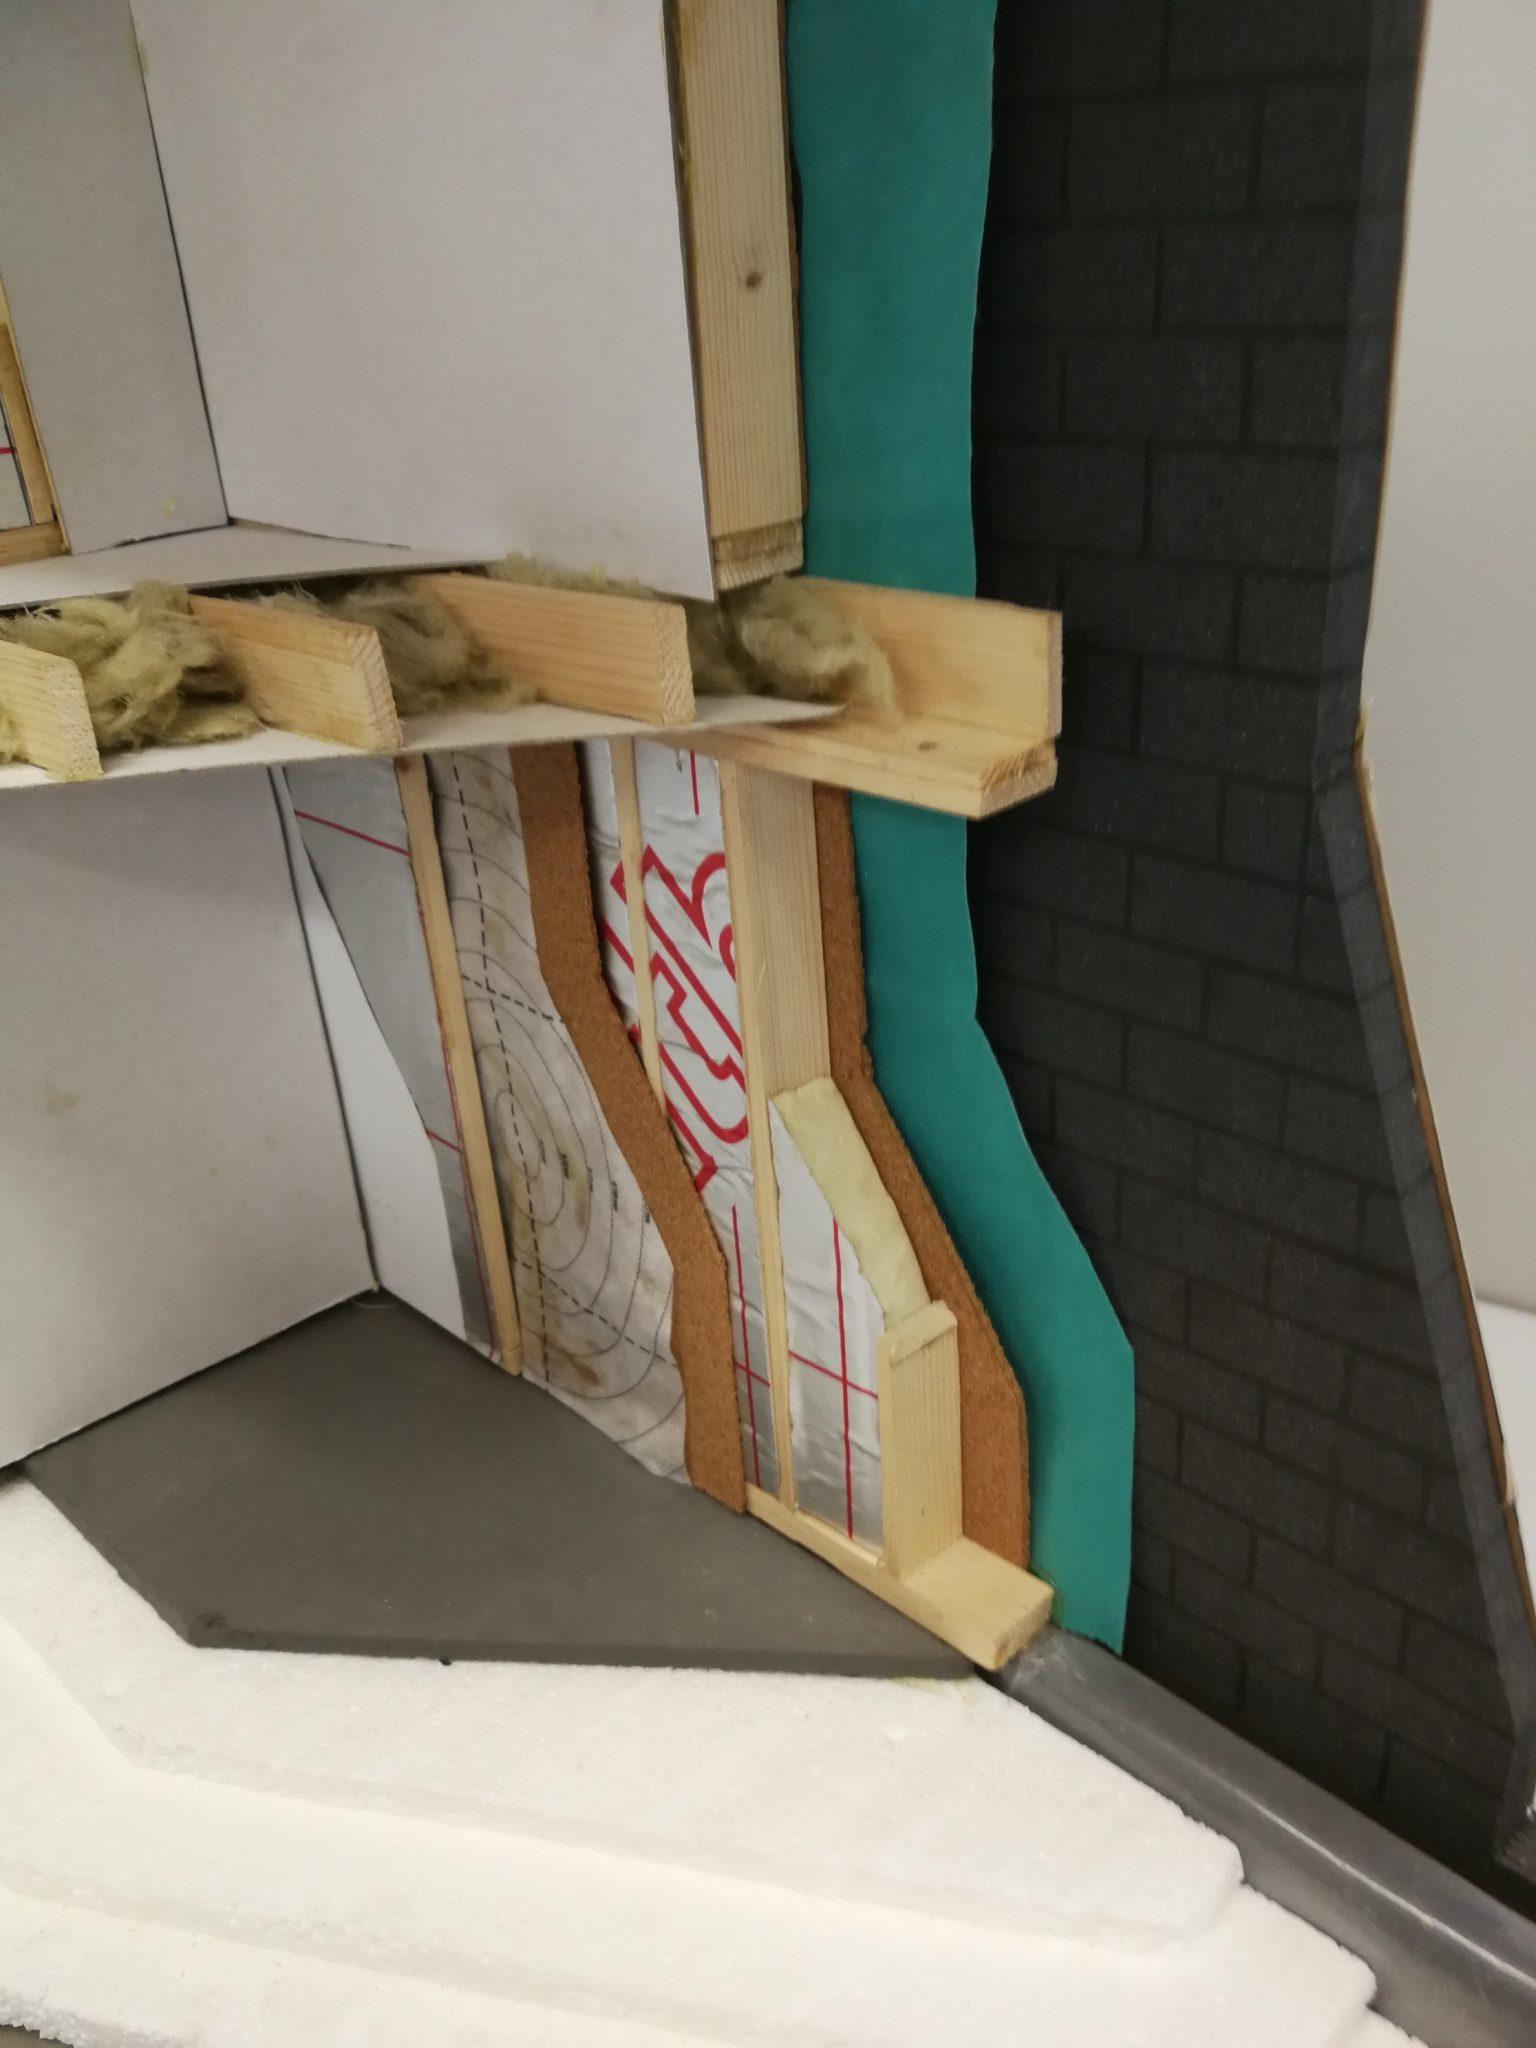 2018 Leaving Cert Construction Studies class